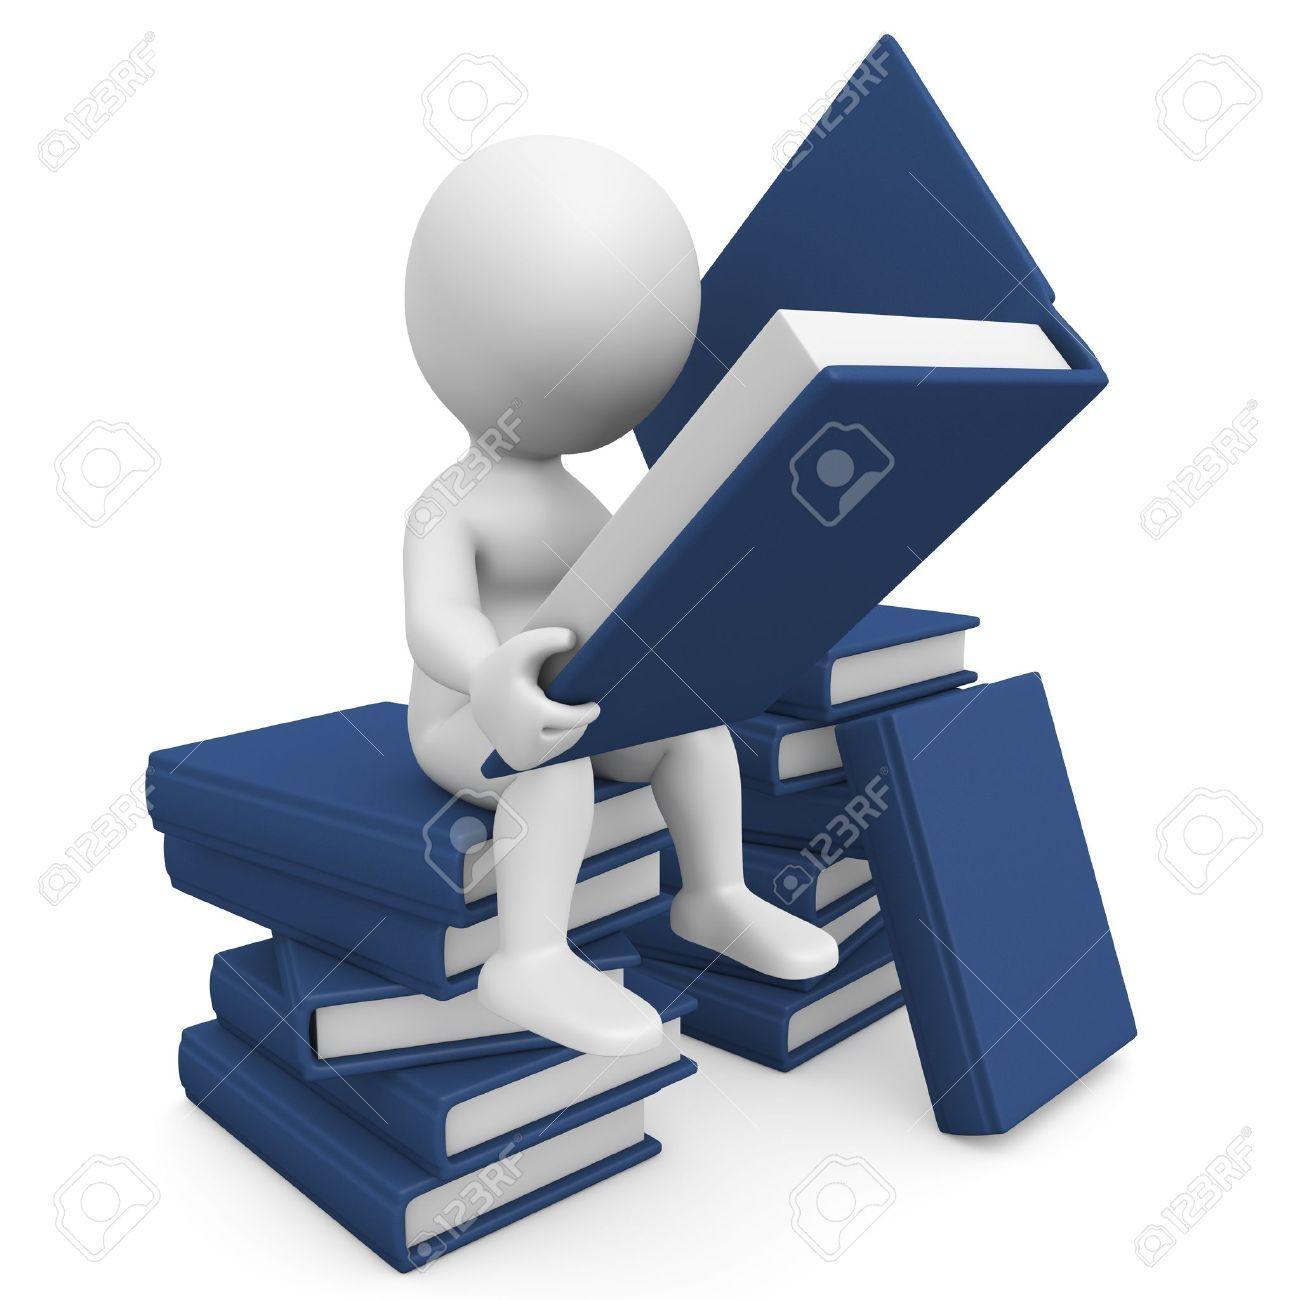 Partiu Estudar! | Screen beans, Atividades alfabetização e letramento,  Imagens 3d